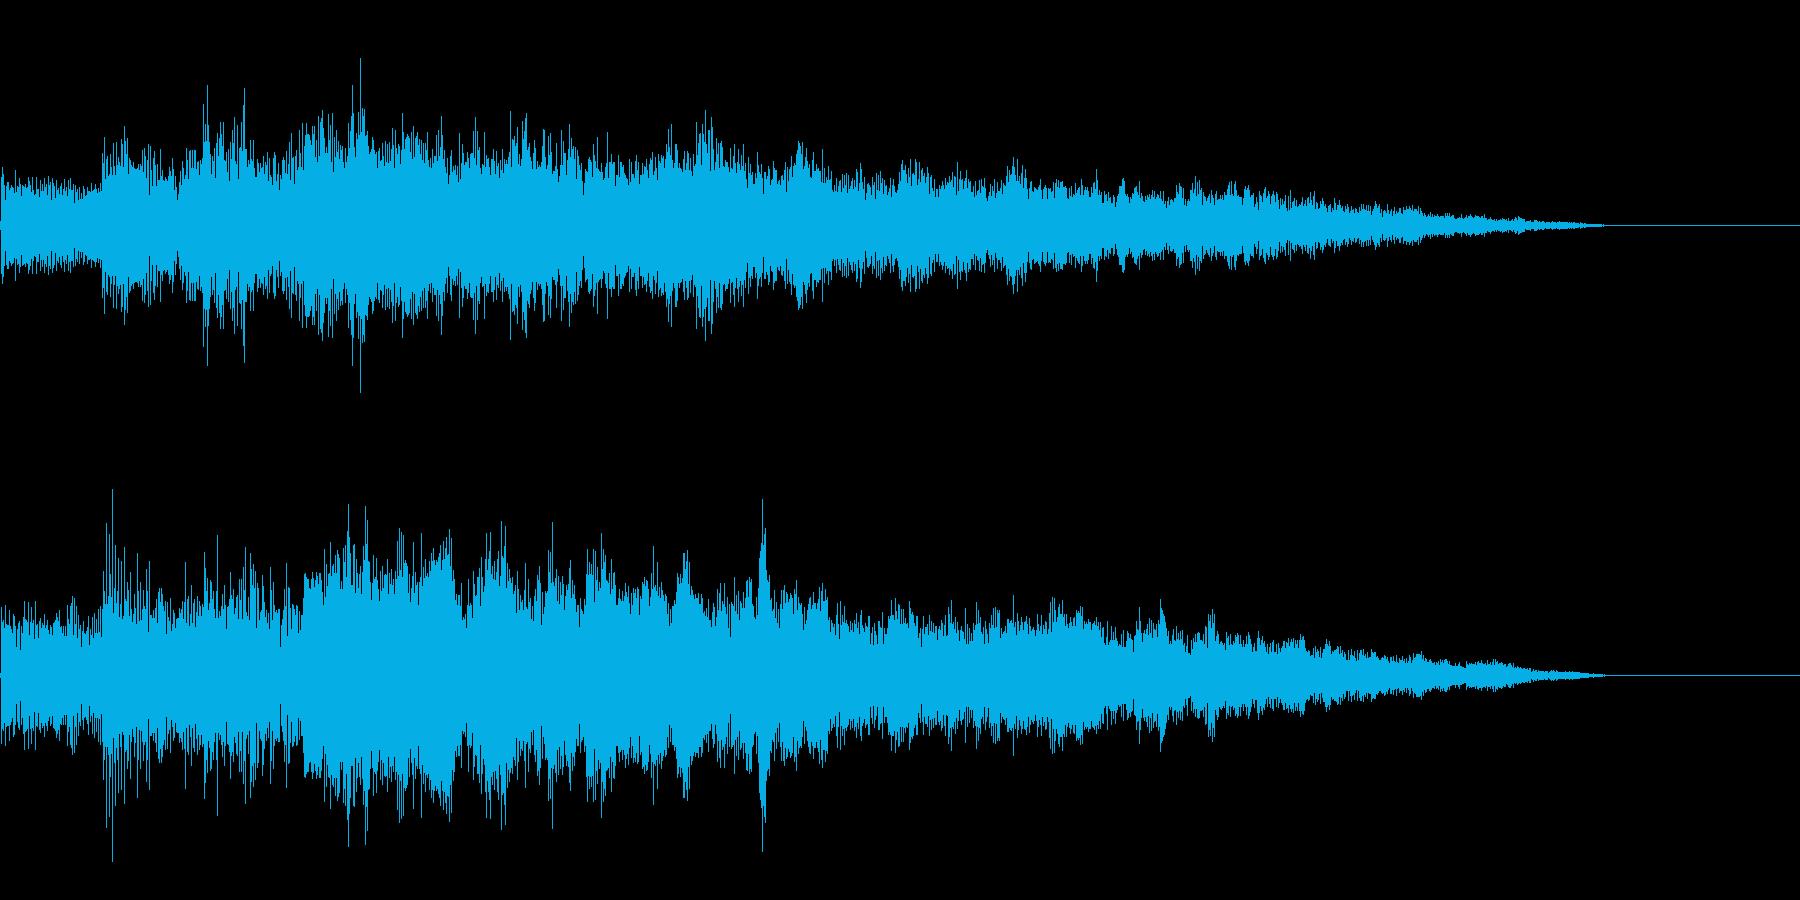 レベルアップ ぴろりろーん(上昇)の再生済みの波形